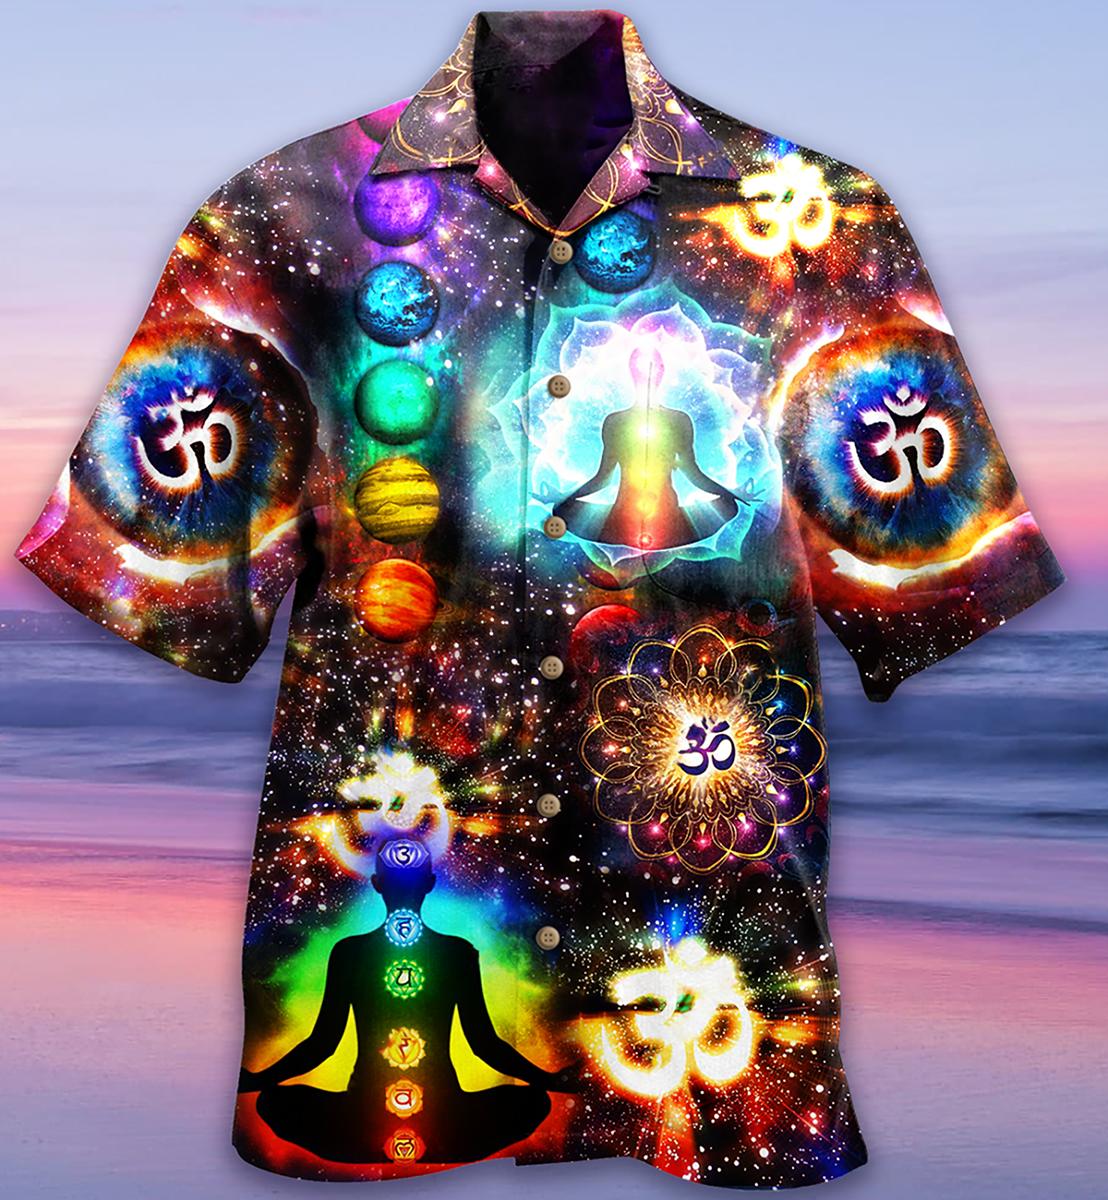 Yoga meditation Hawaiian shirt